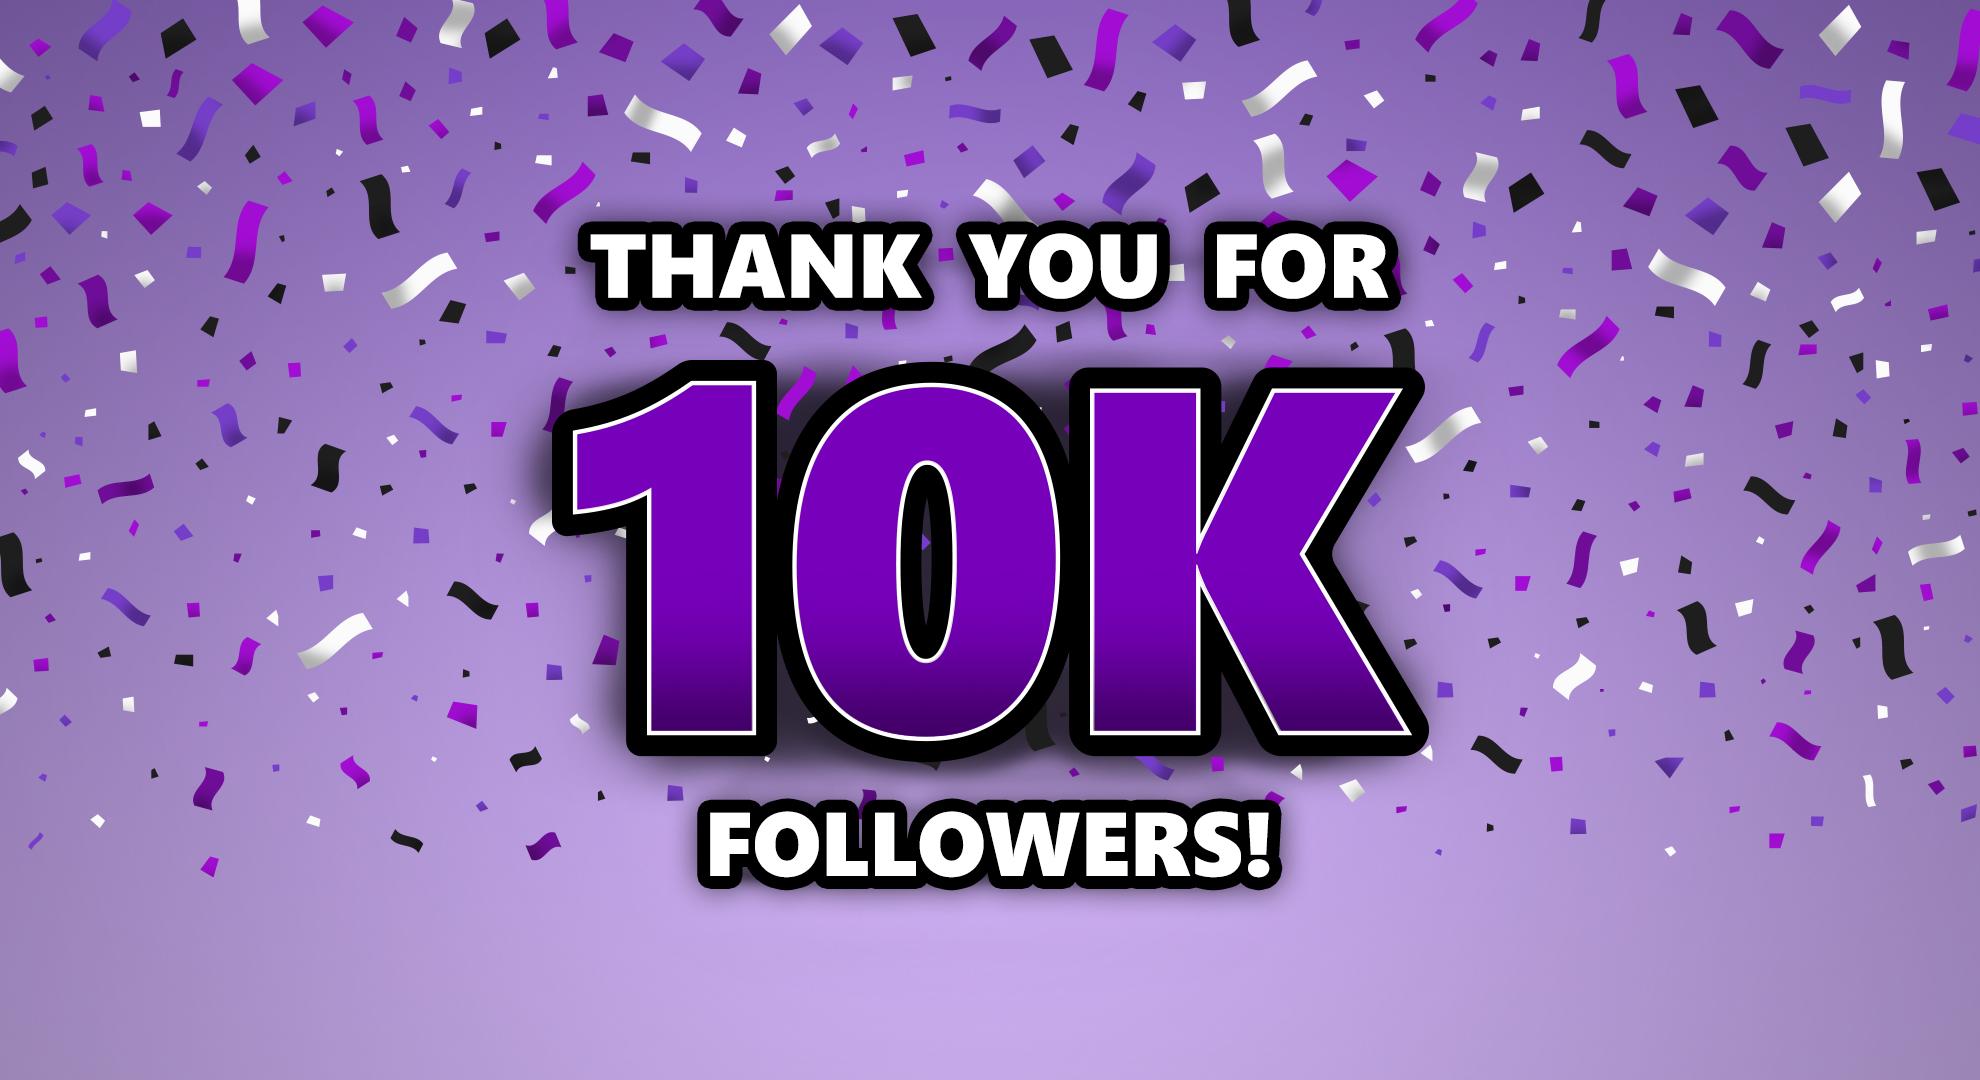 10K Instagram Followers Giveaway!